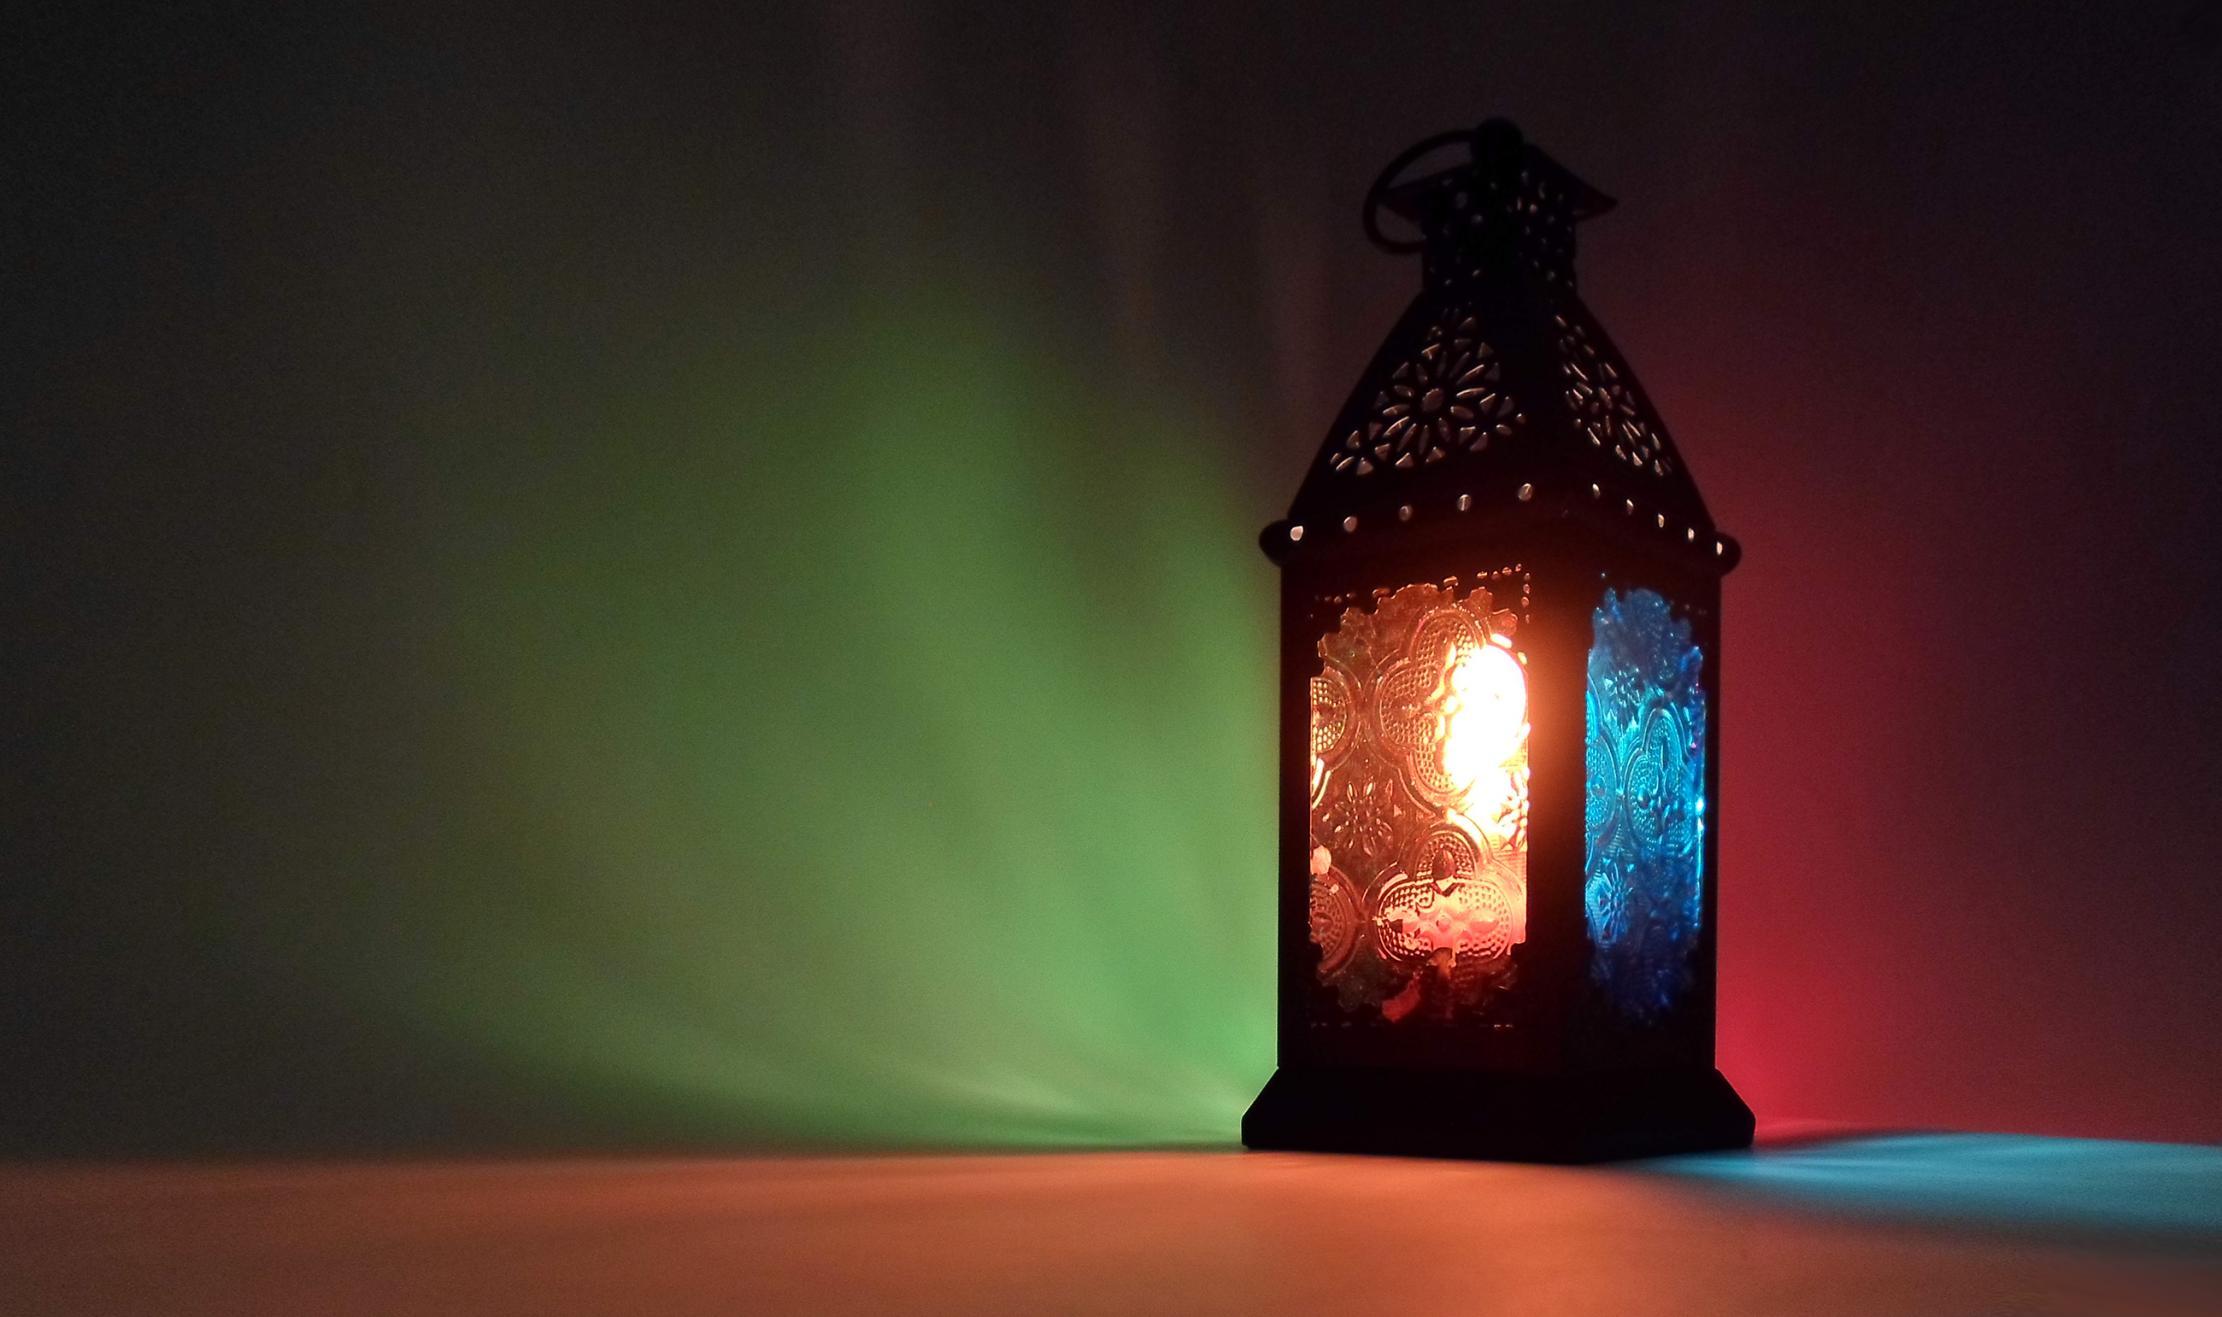 صور صورة فانوس رمضان